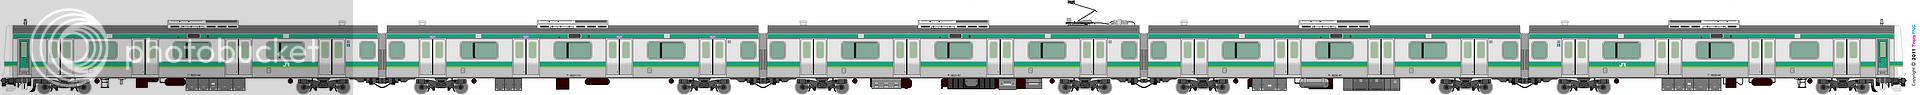 [5517] 東日本旅客鐵道 1917